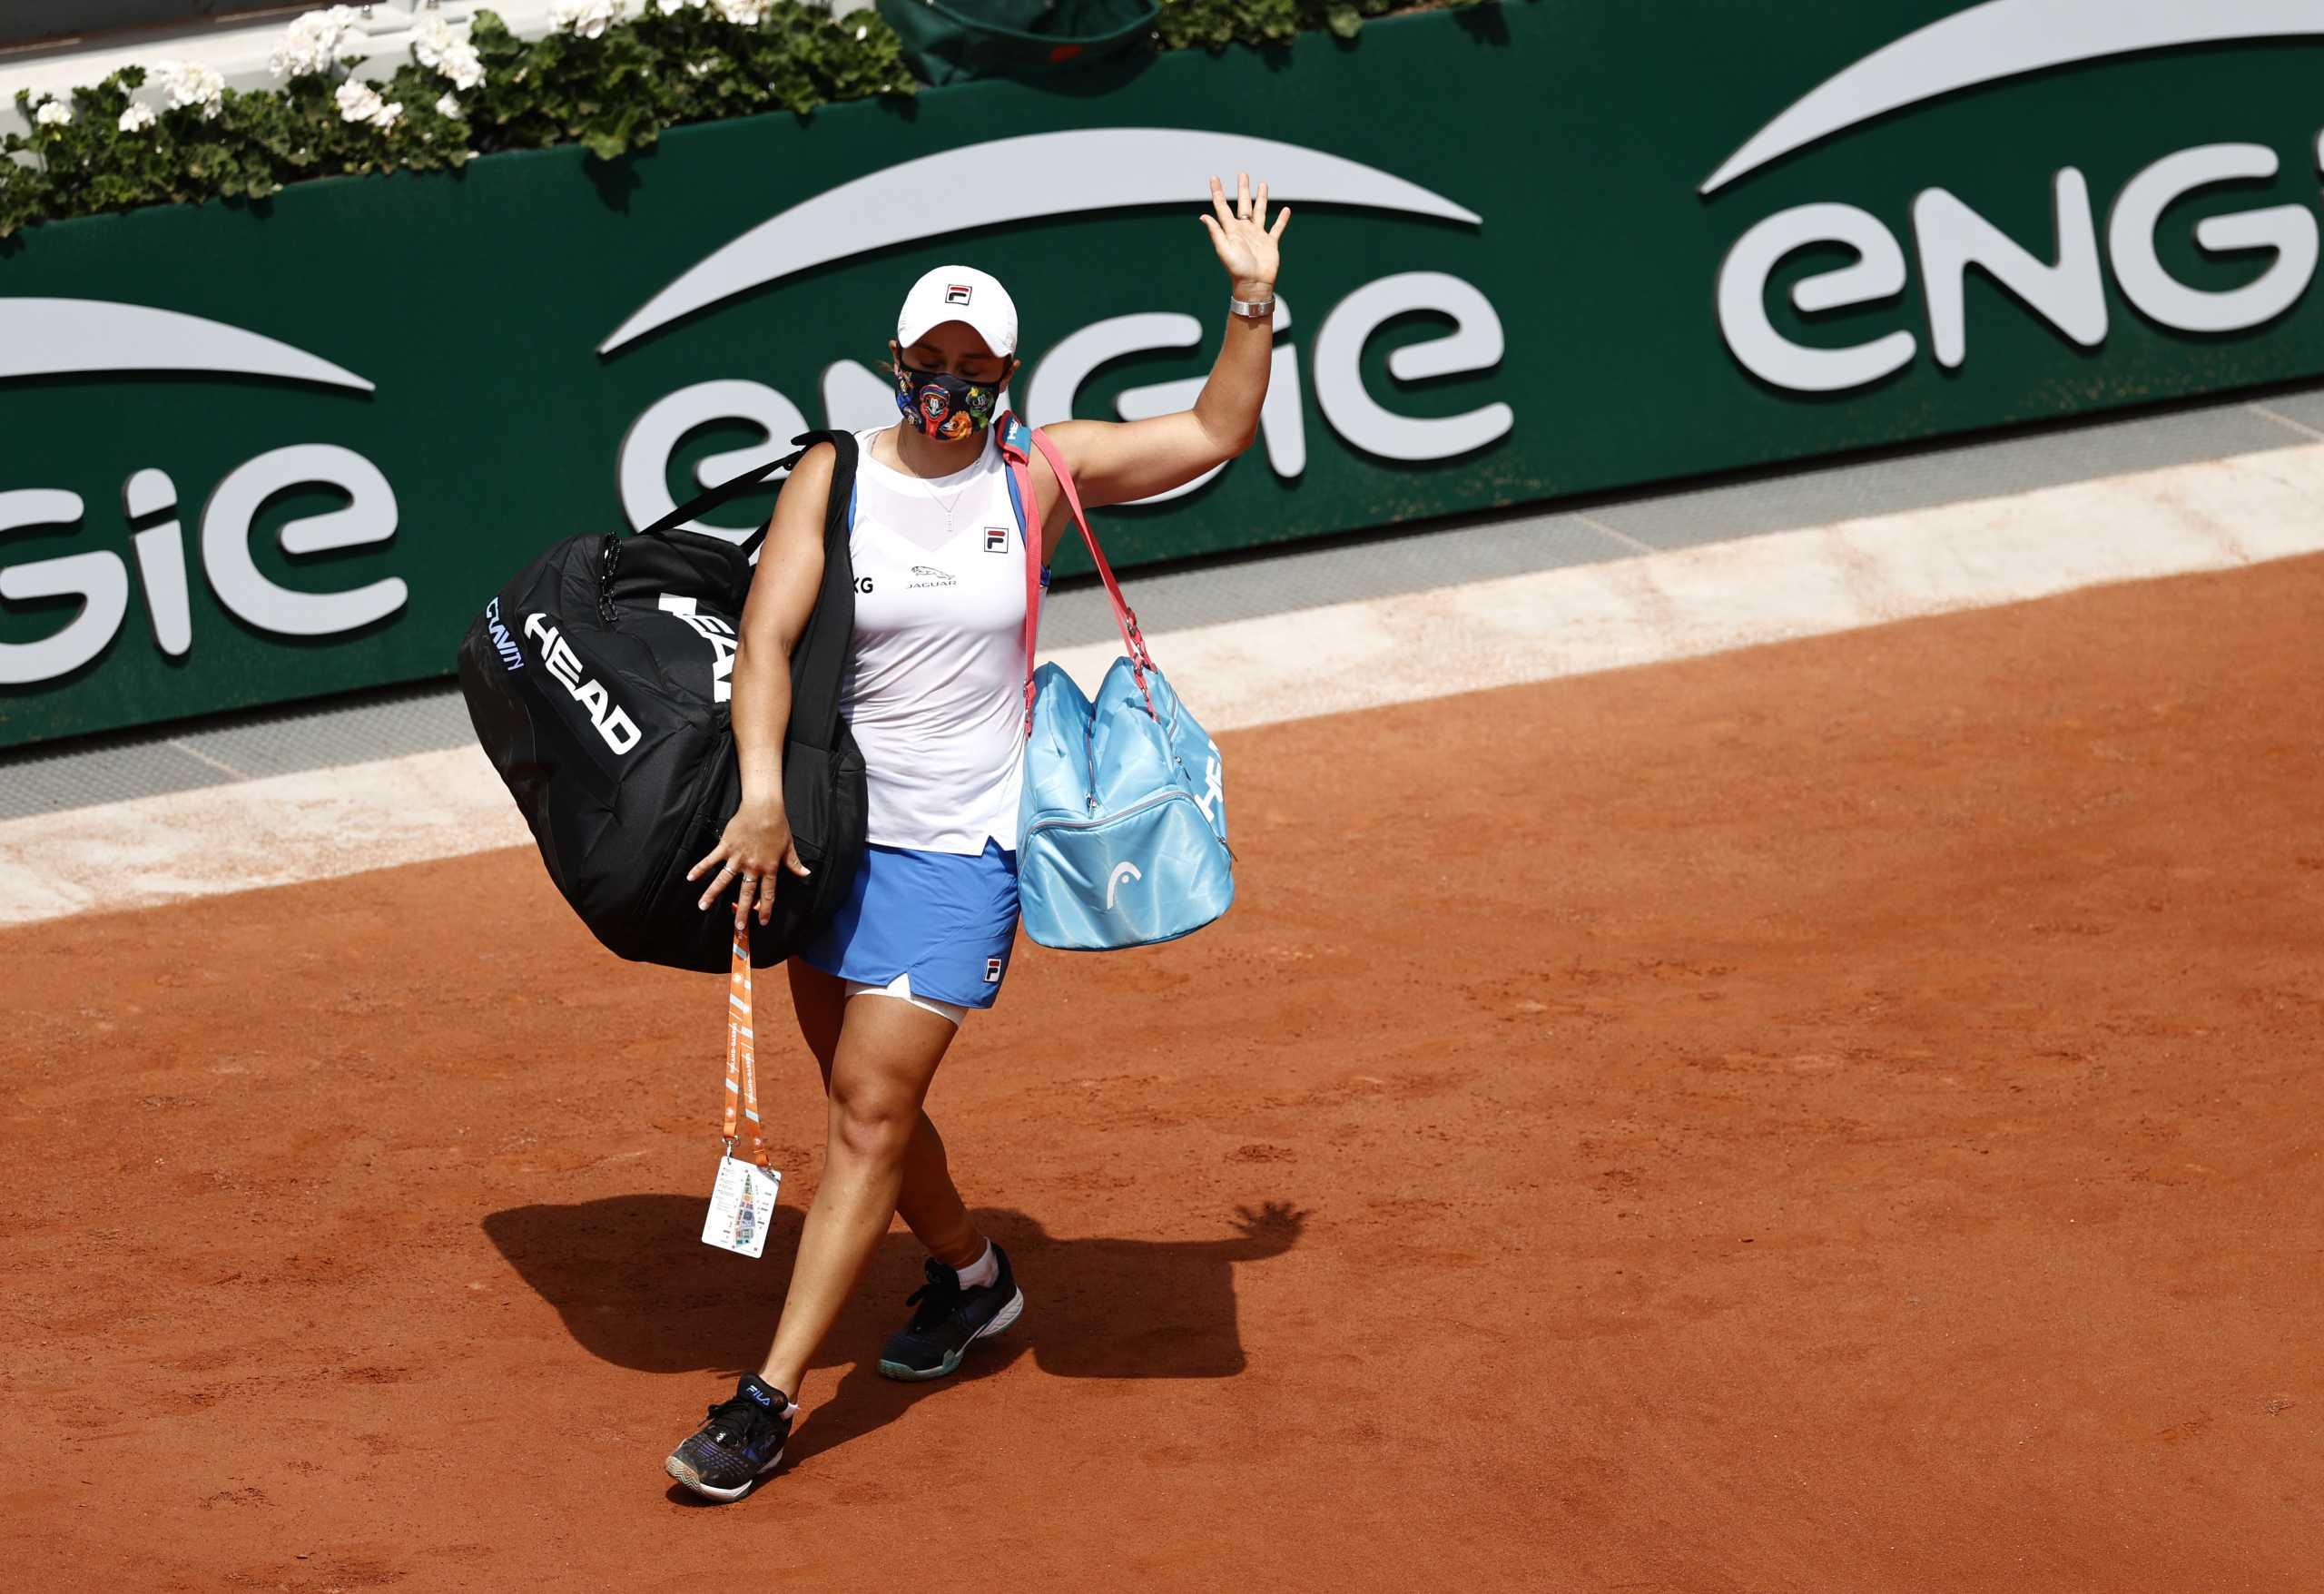 Εγκατέλειψε η Μπάρτι – Εκτός Roland Garros το Νο 1 στον κόσμο